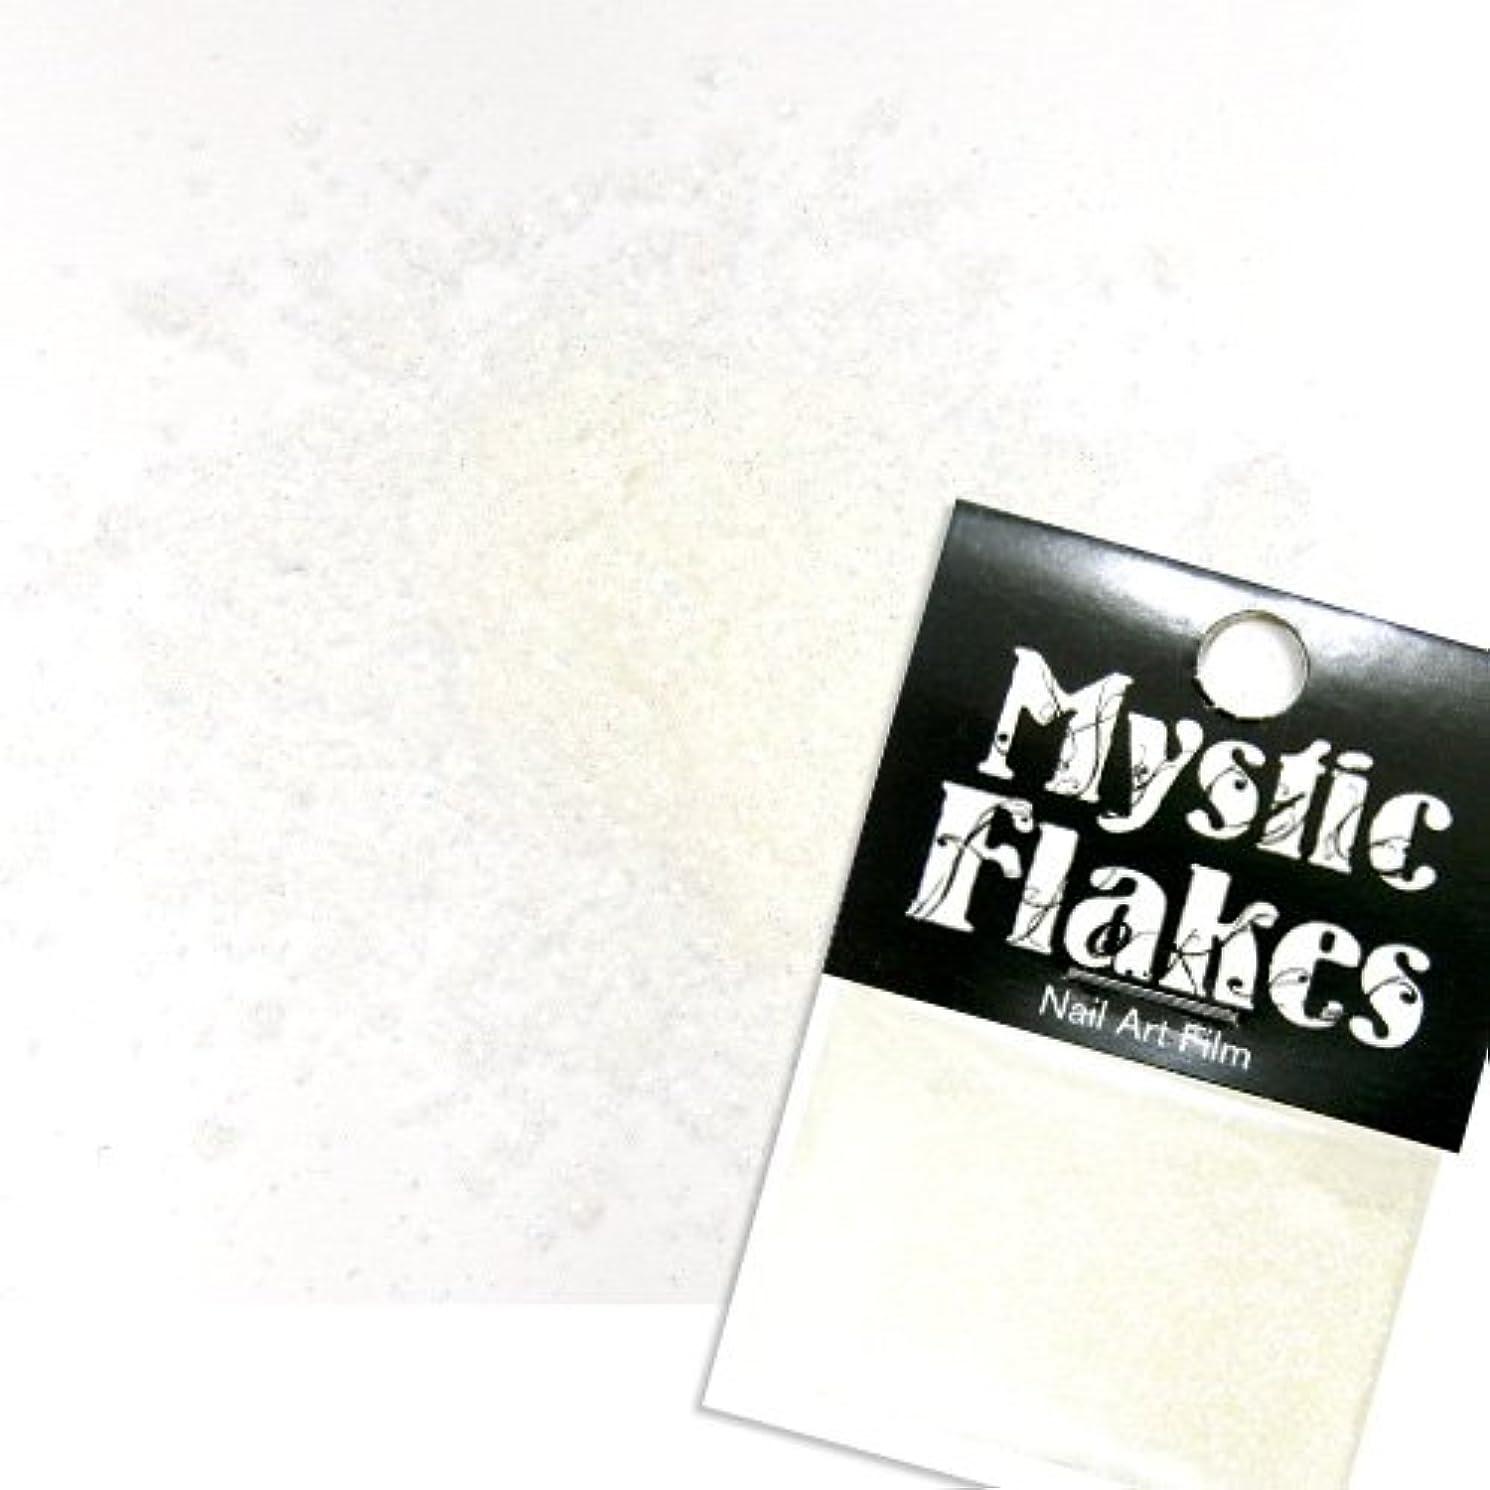 コンドーム化学者テレビミスティックフレース ネイル用ストーン オーロラホワイト ラメシャイン 0.5g